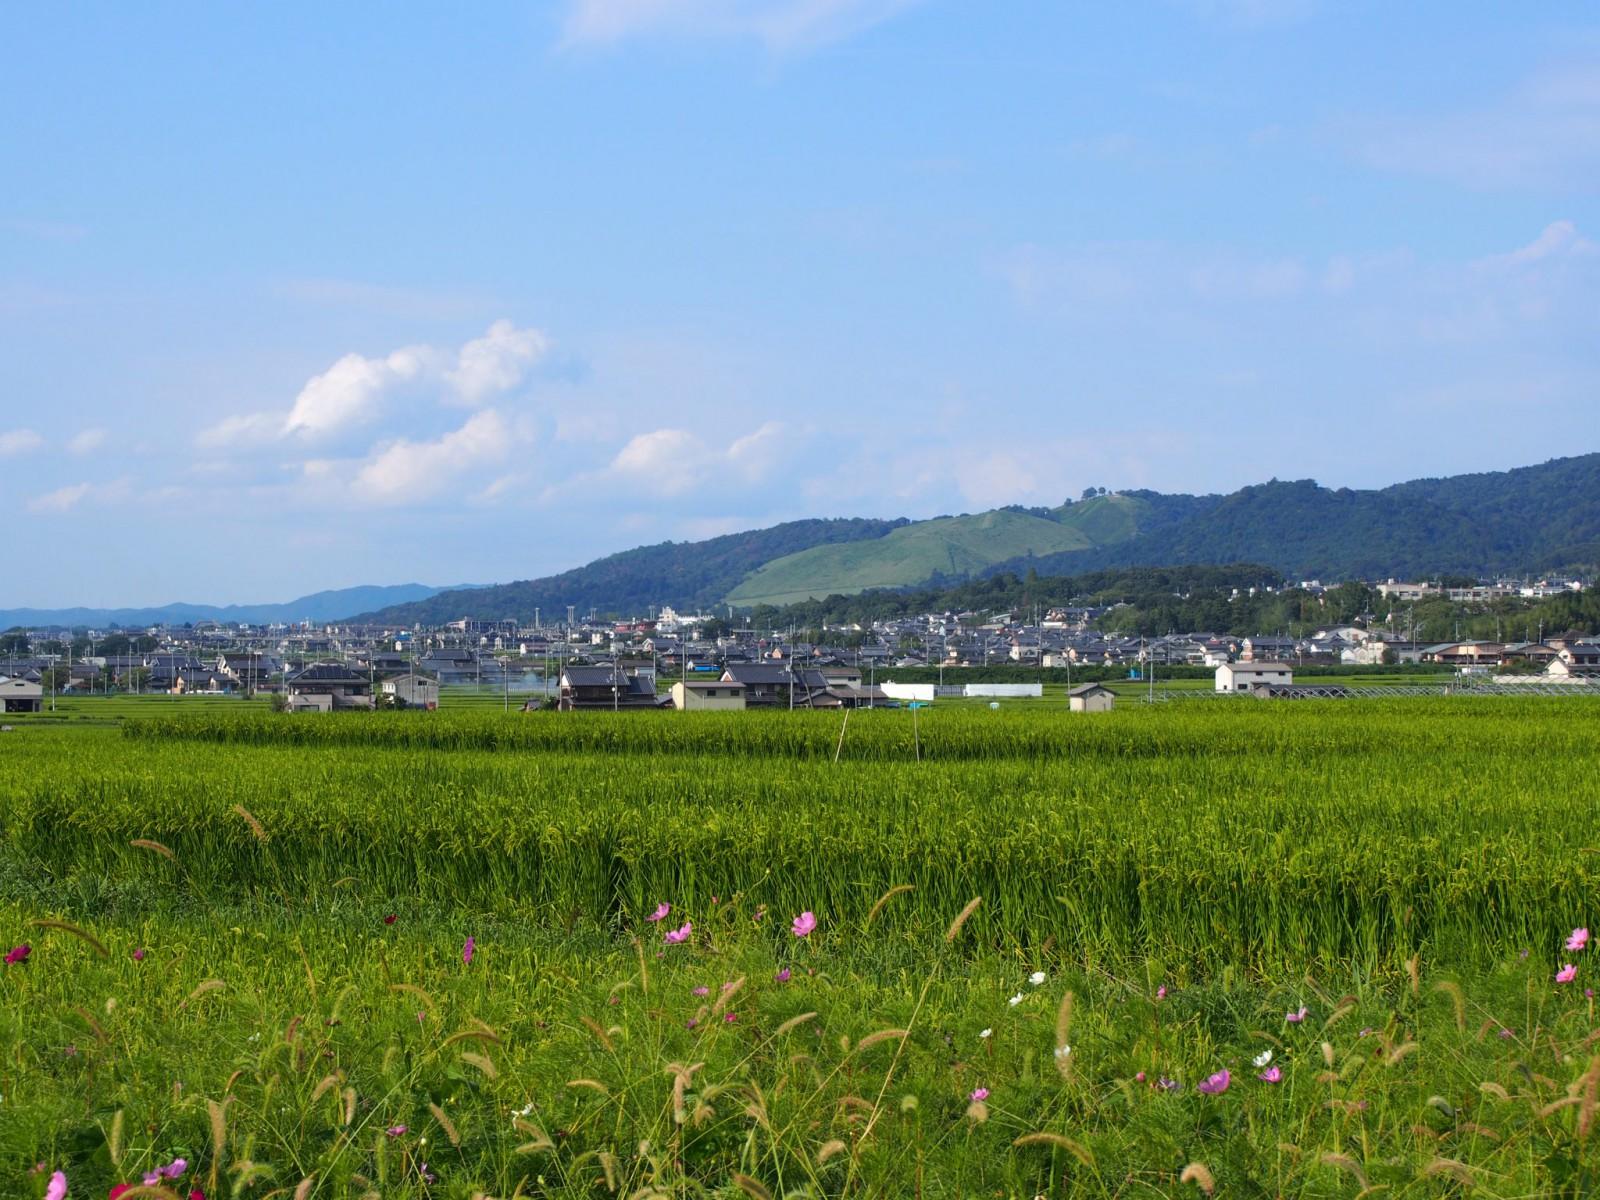 夏の終わりの「山村町」バス停付近からの眺望風景